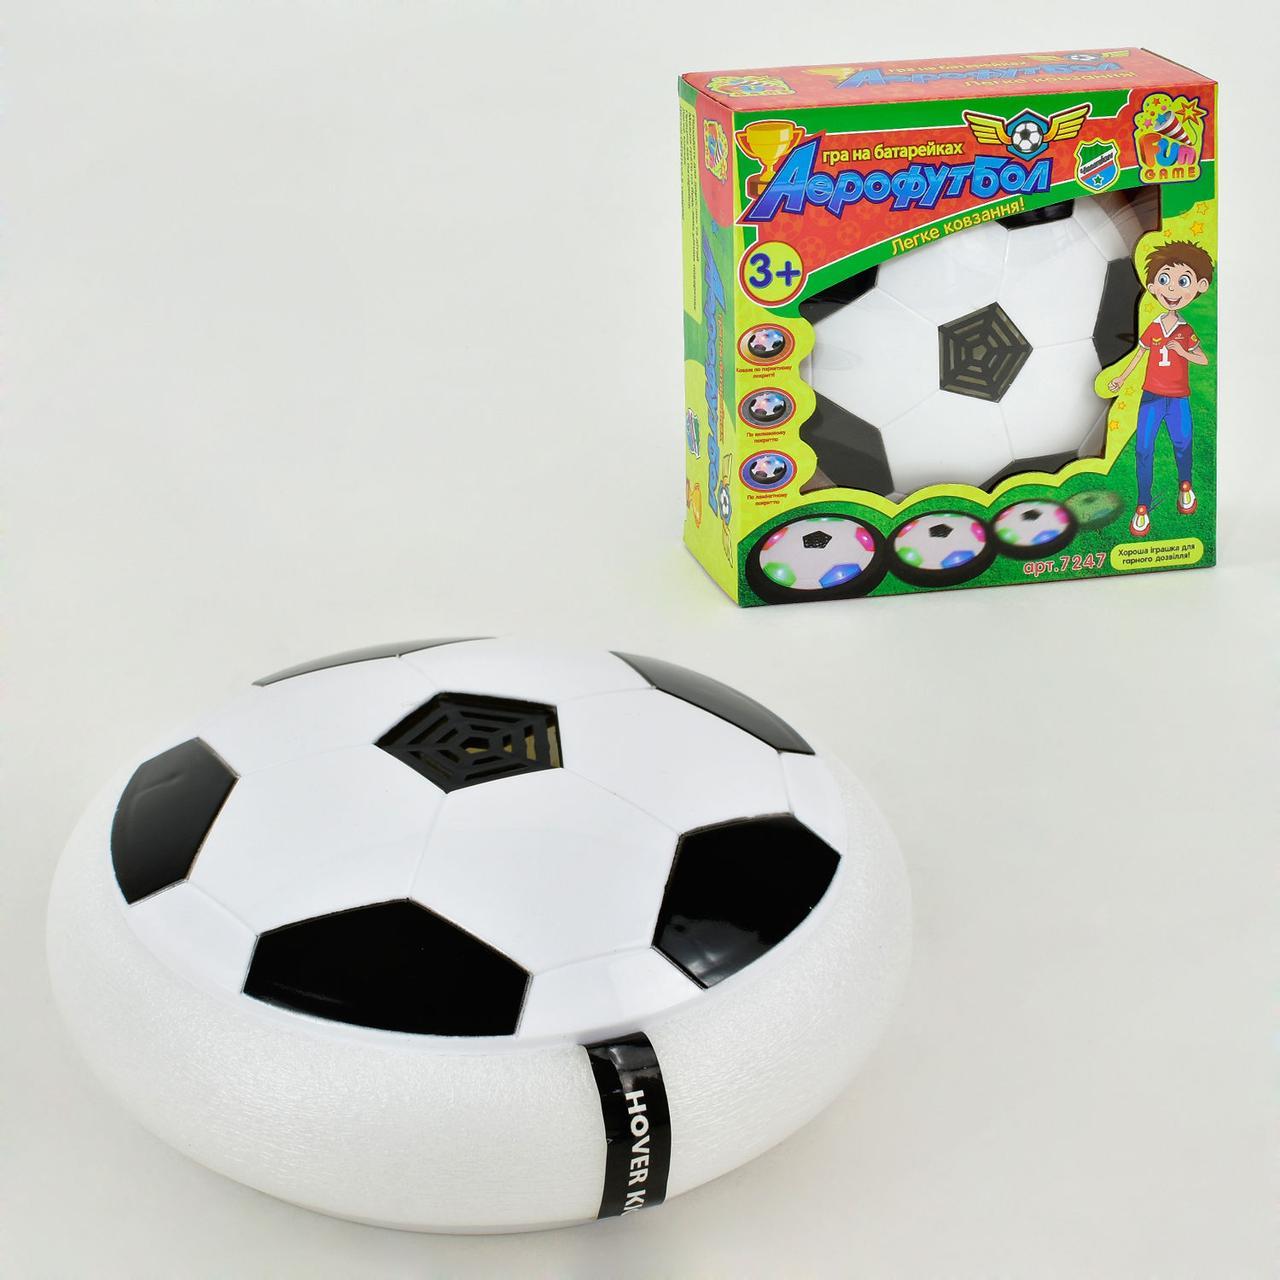 Аэрофутбольный мяч Fun Game Hover Ball (2-7247-64941)